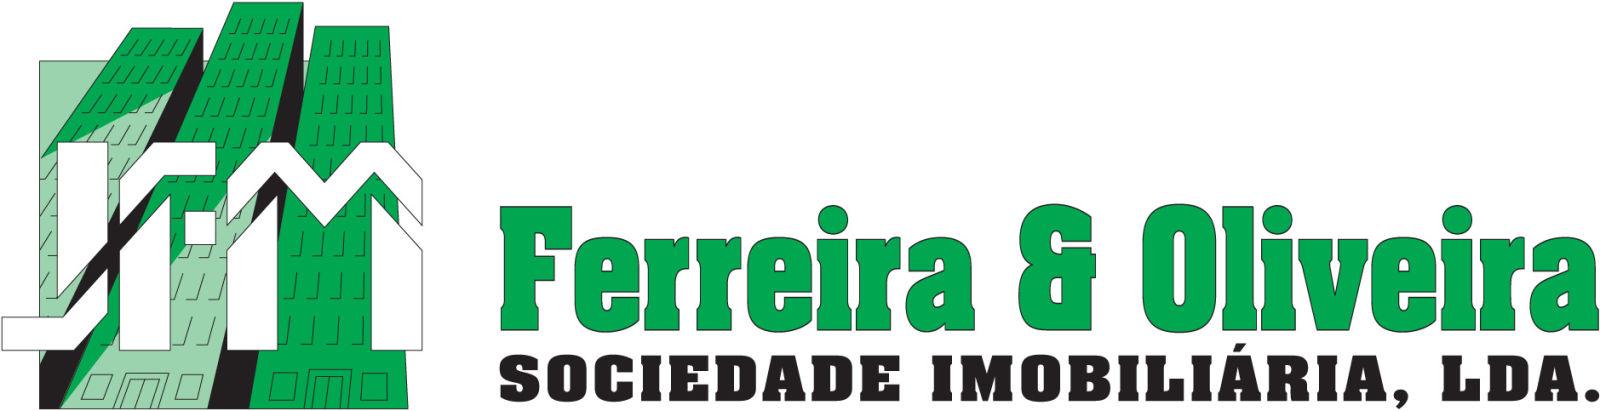 Logotipo_Ferreira-1